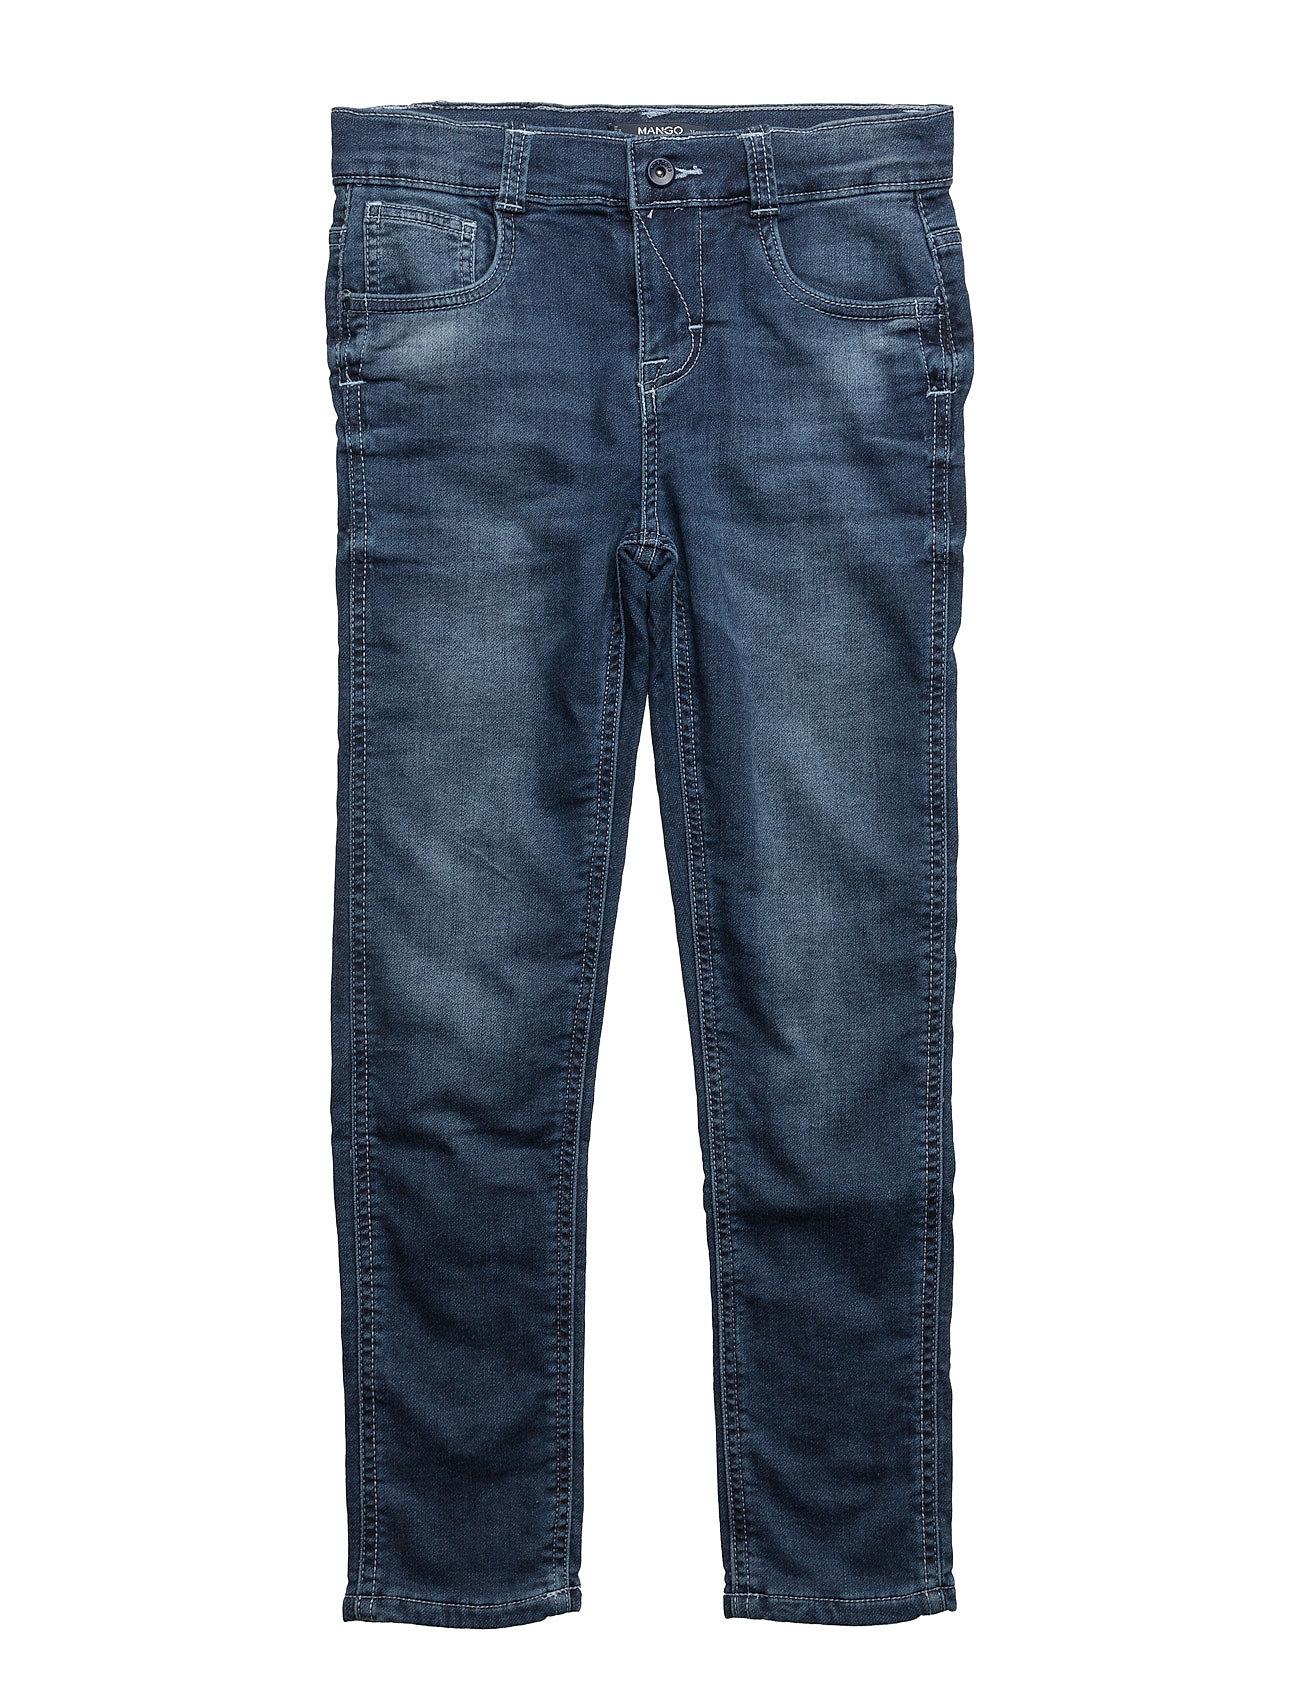 Comfy-Fit Jeans Mango Kids  til Børn i Medium Blå